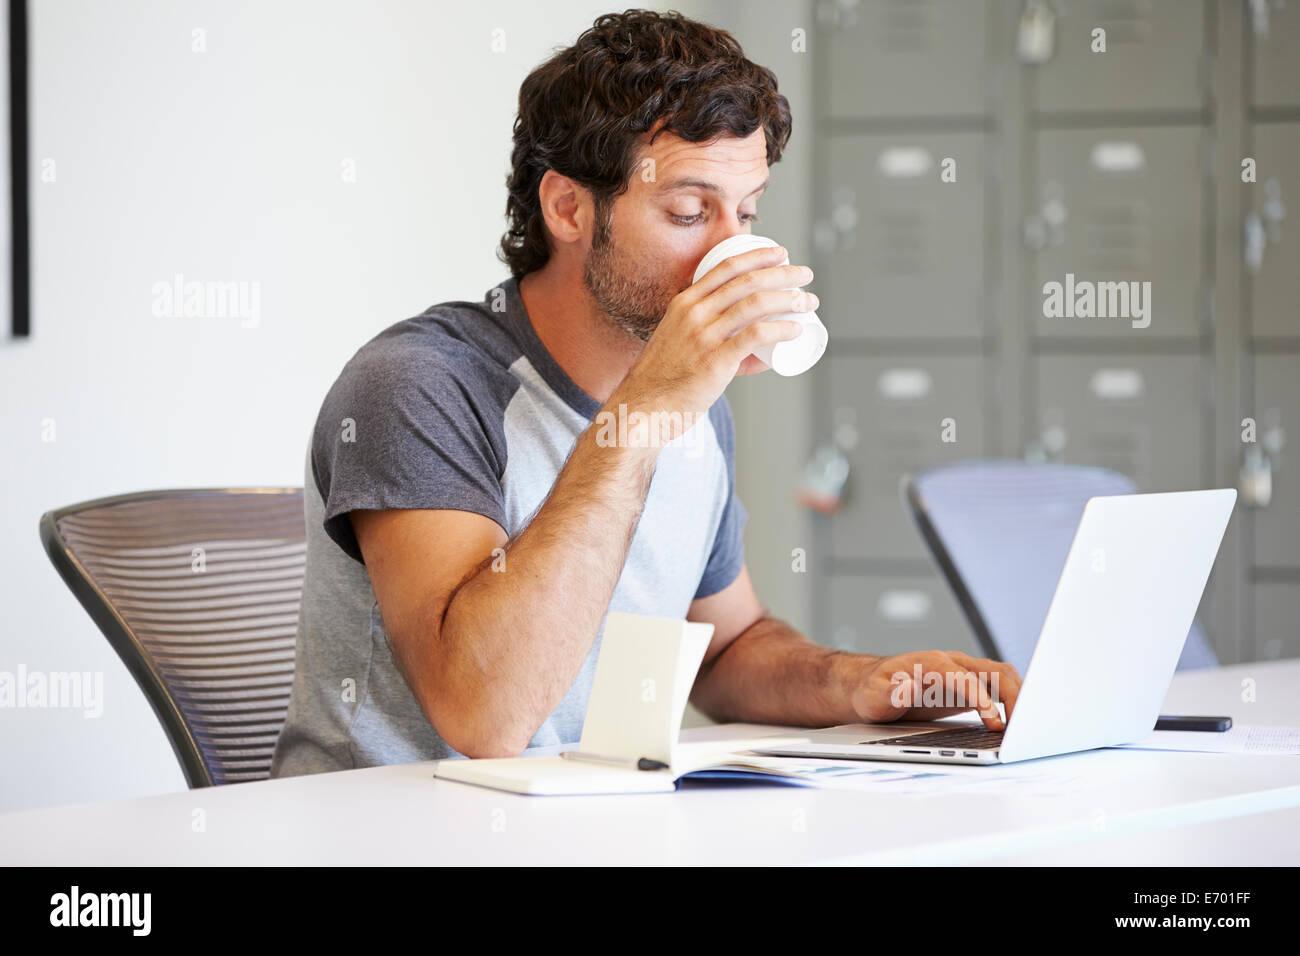 Habillé décontracté Homme travaillant dans Design Studio Photo Stock